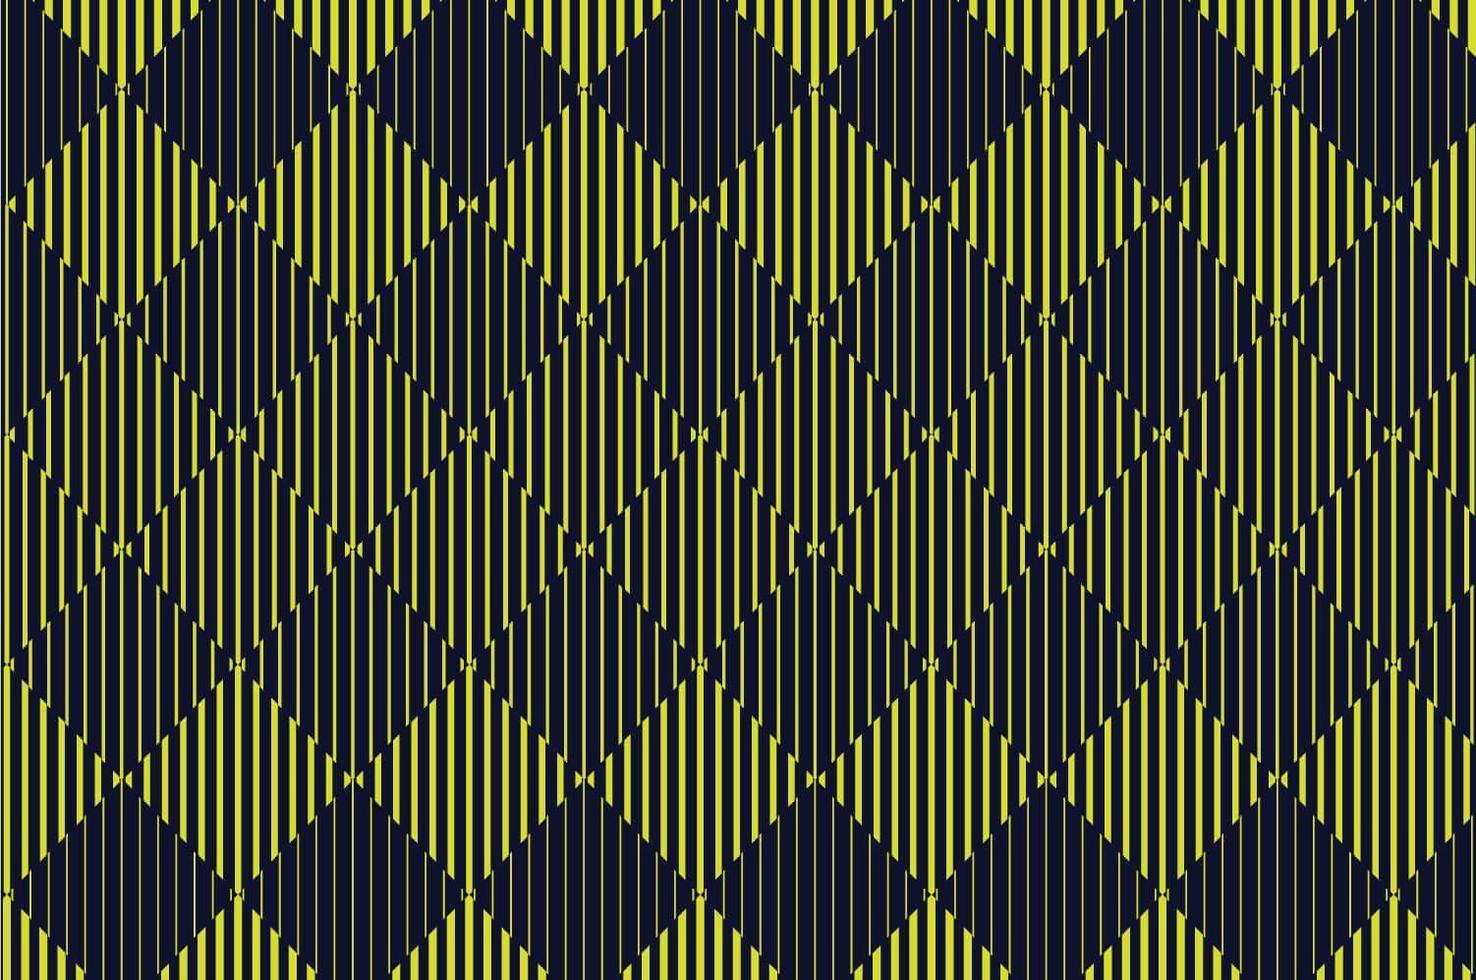 motif de demi-teintes de ligne de diamant jaune et noir vecteur